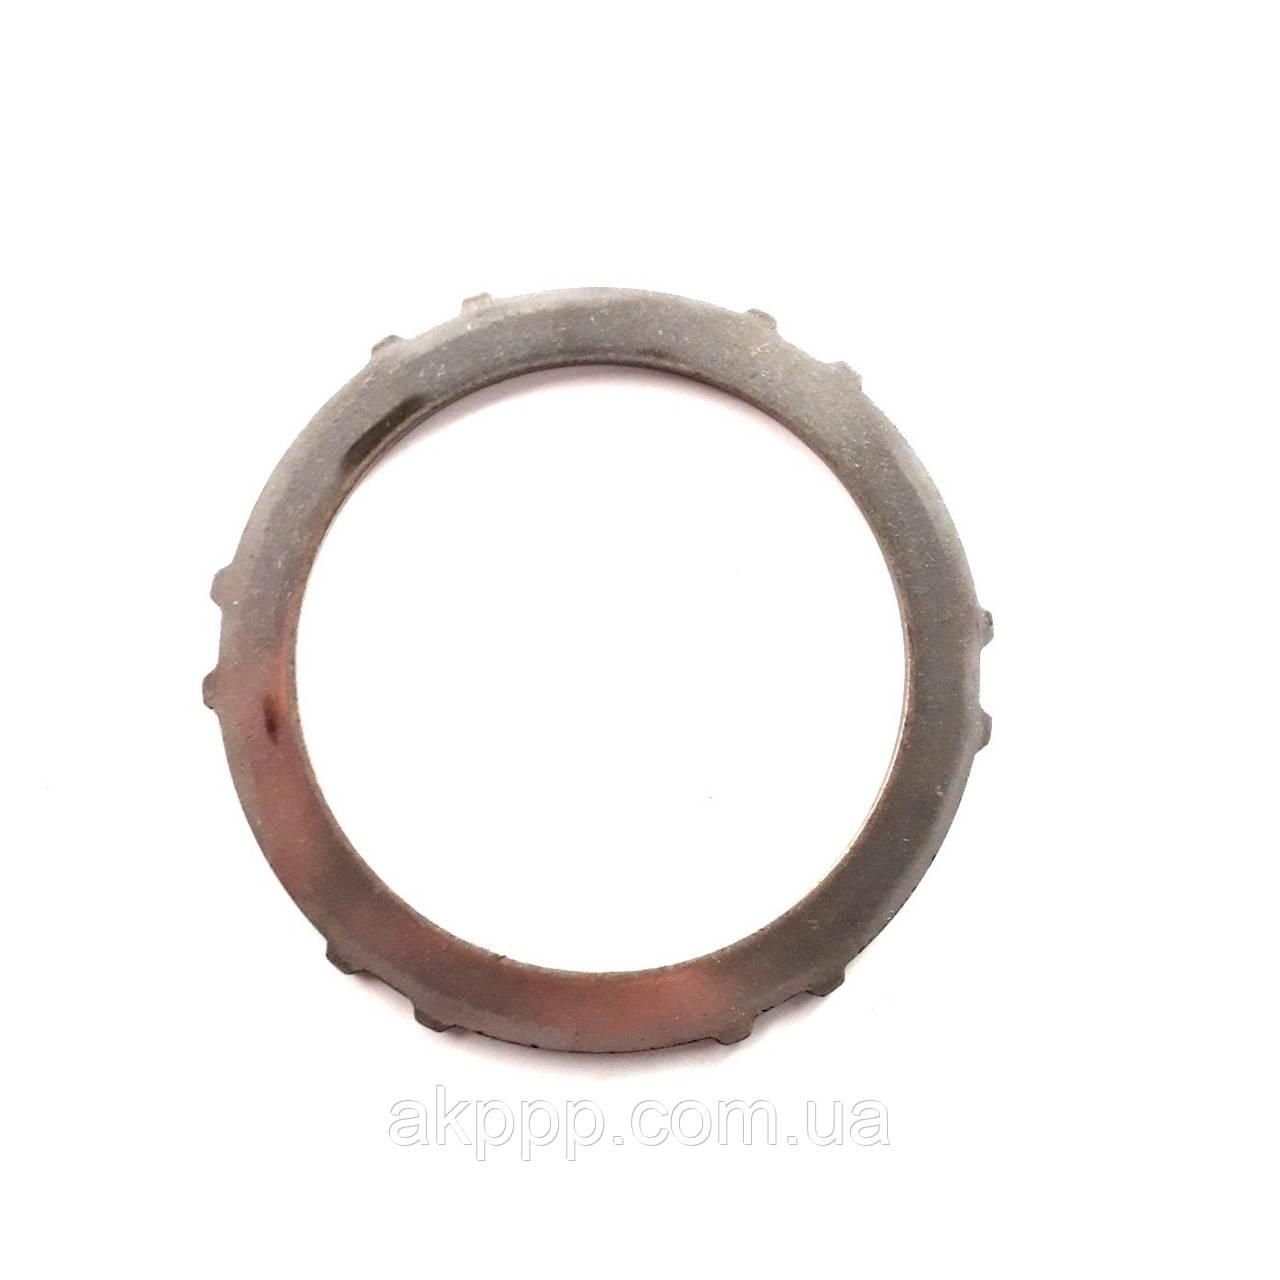 Упорный диск акпп 5L40E (5/105/136 мм) б/у